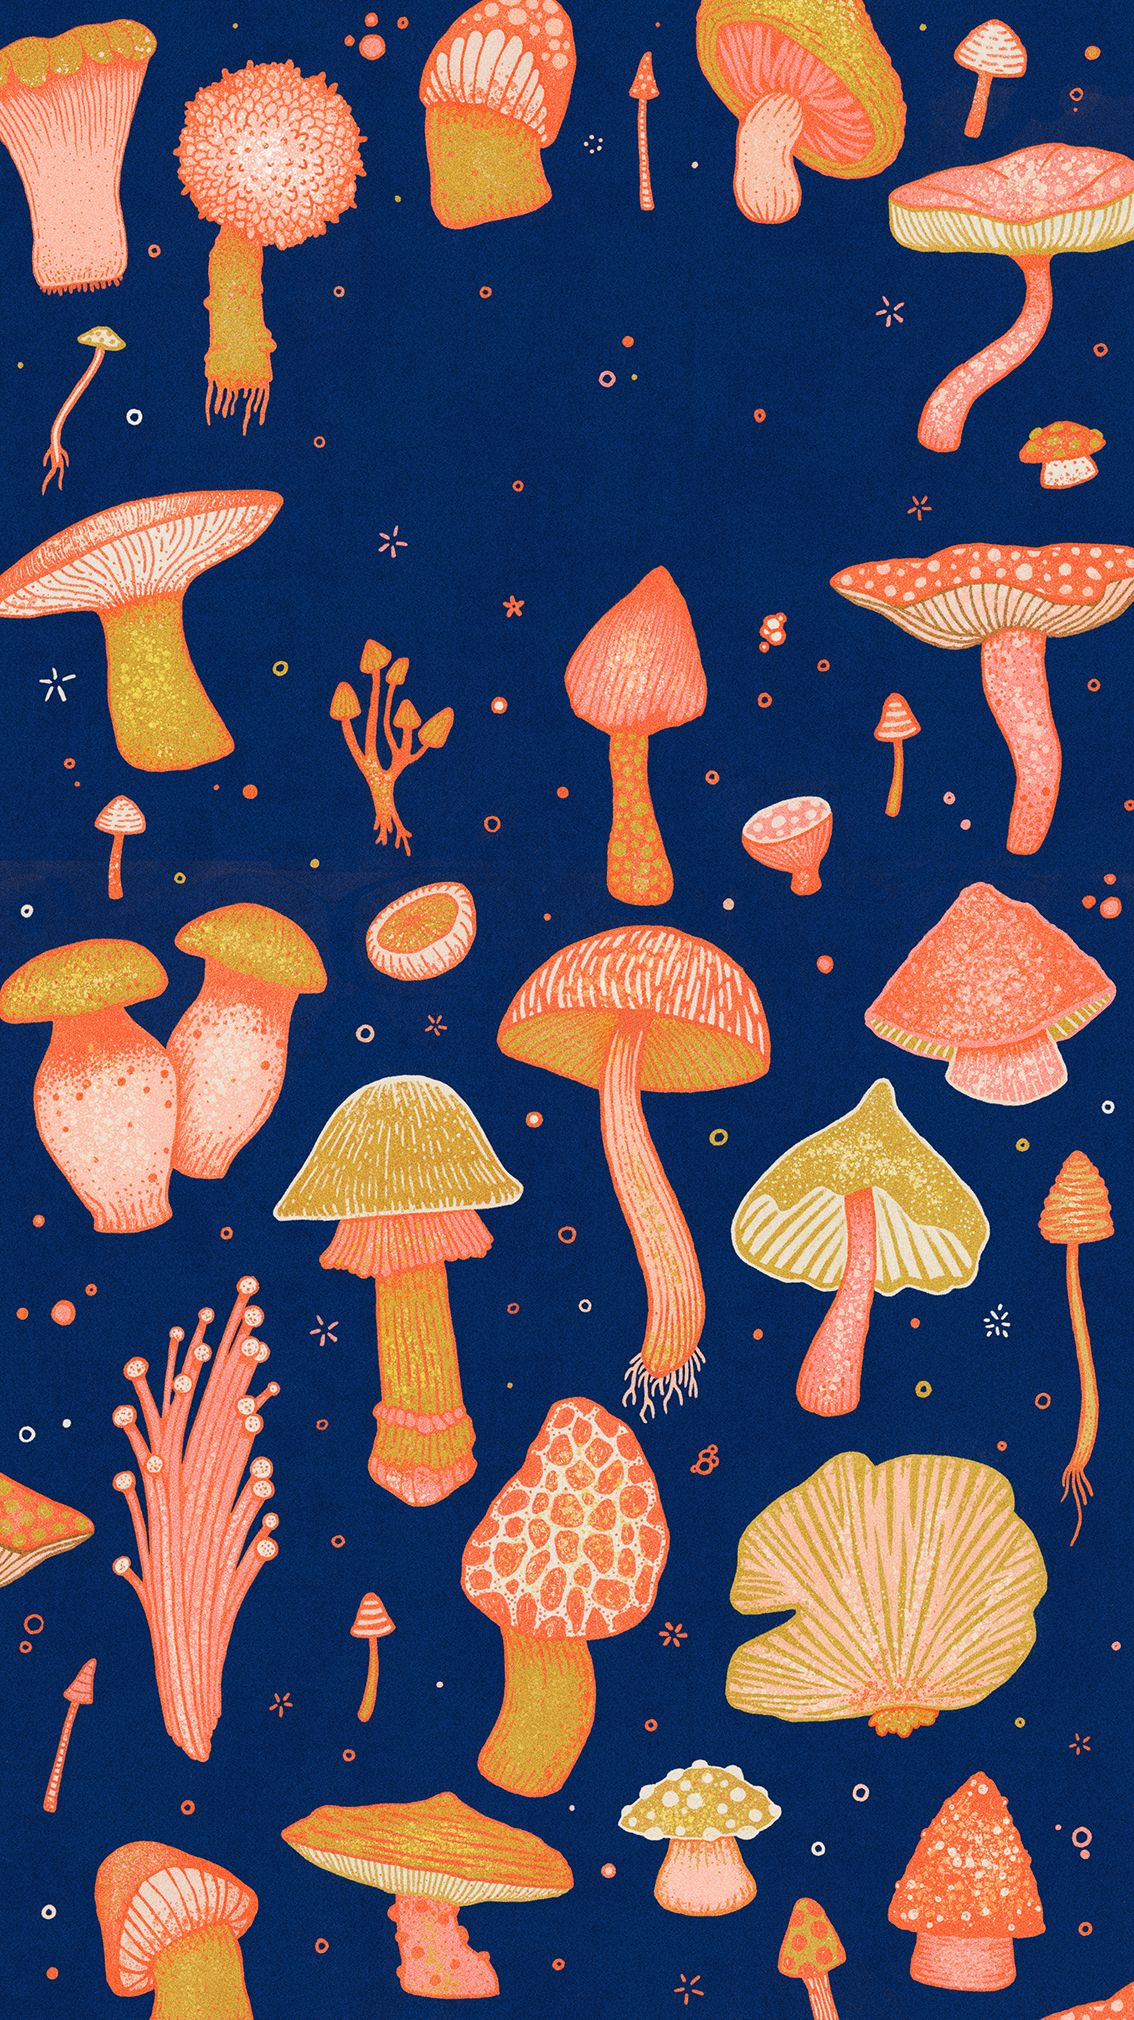 Wallpaper Hippie Wallpaper Mushroom Wallpaper Iconic Wallpaper